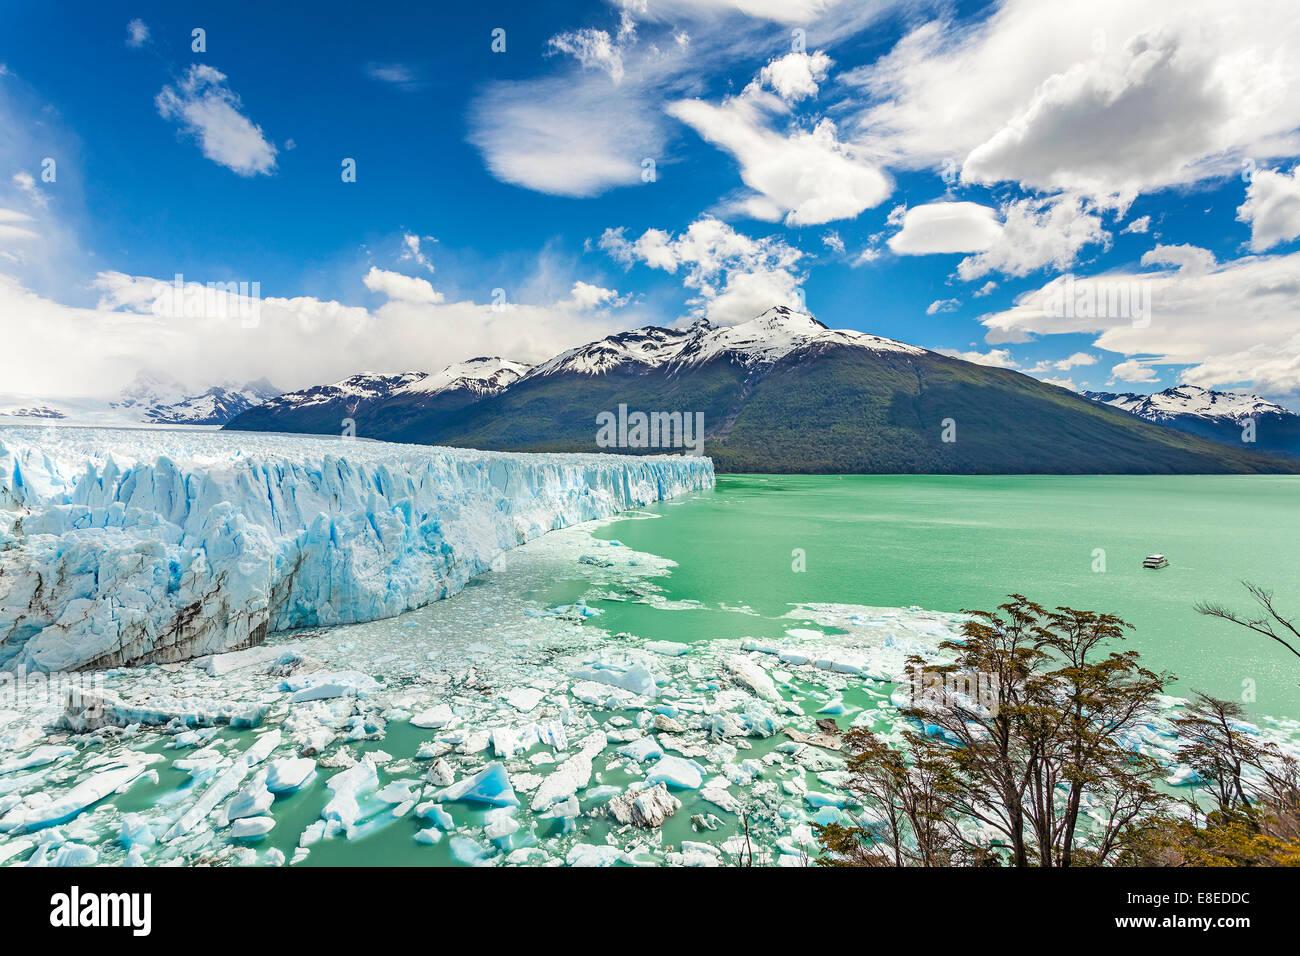 Glaciar Perito Moreno en el Parque Nacional Los Glaciares, Argentina. Imagen De Stock